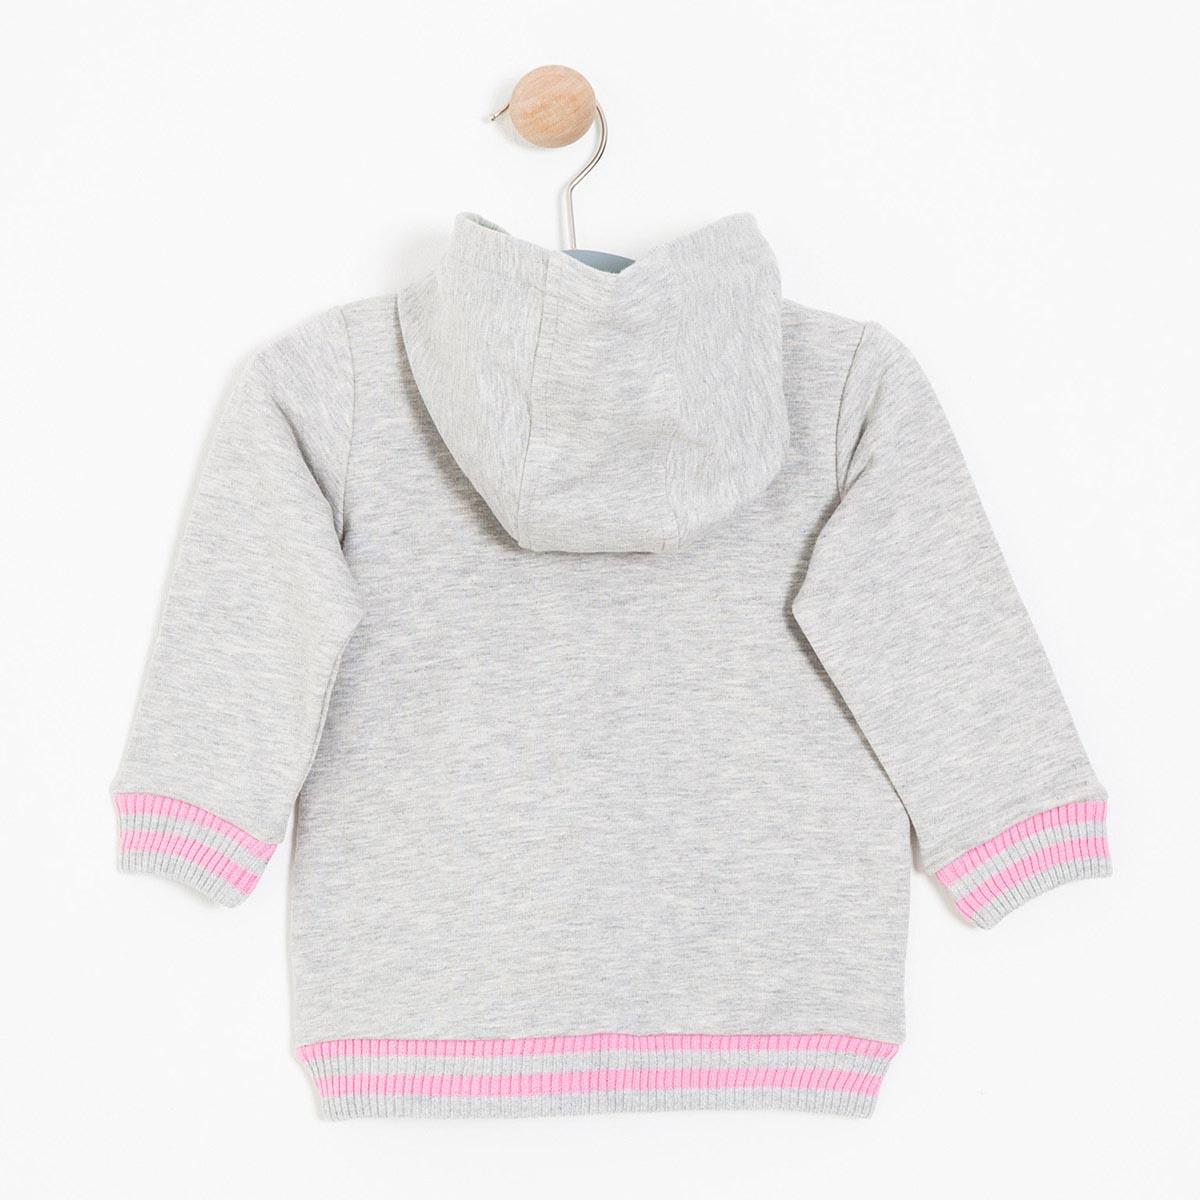 Kız Çocuk Sweatshirt Gri Melanj (1-7 yaş)